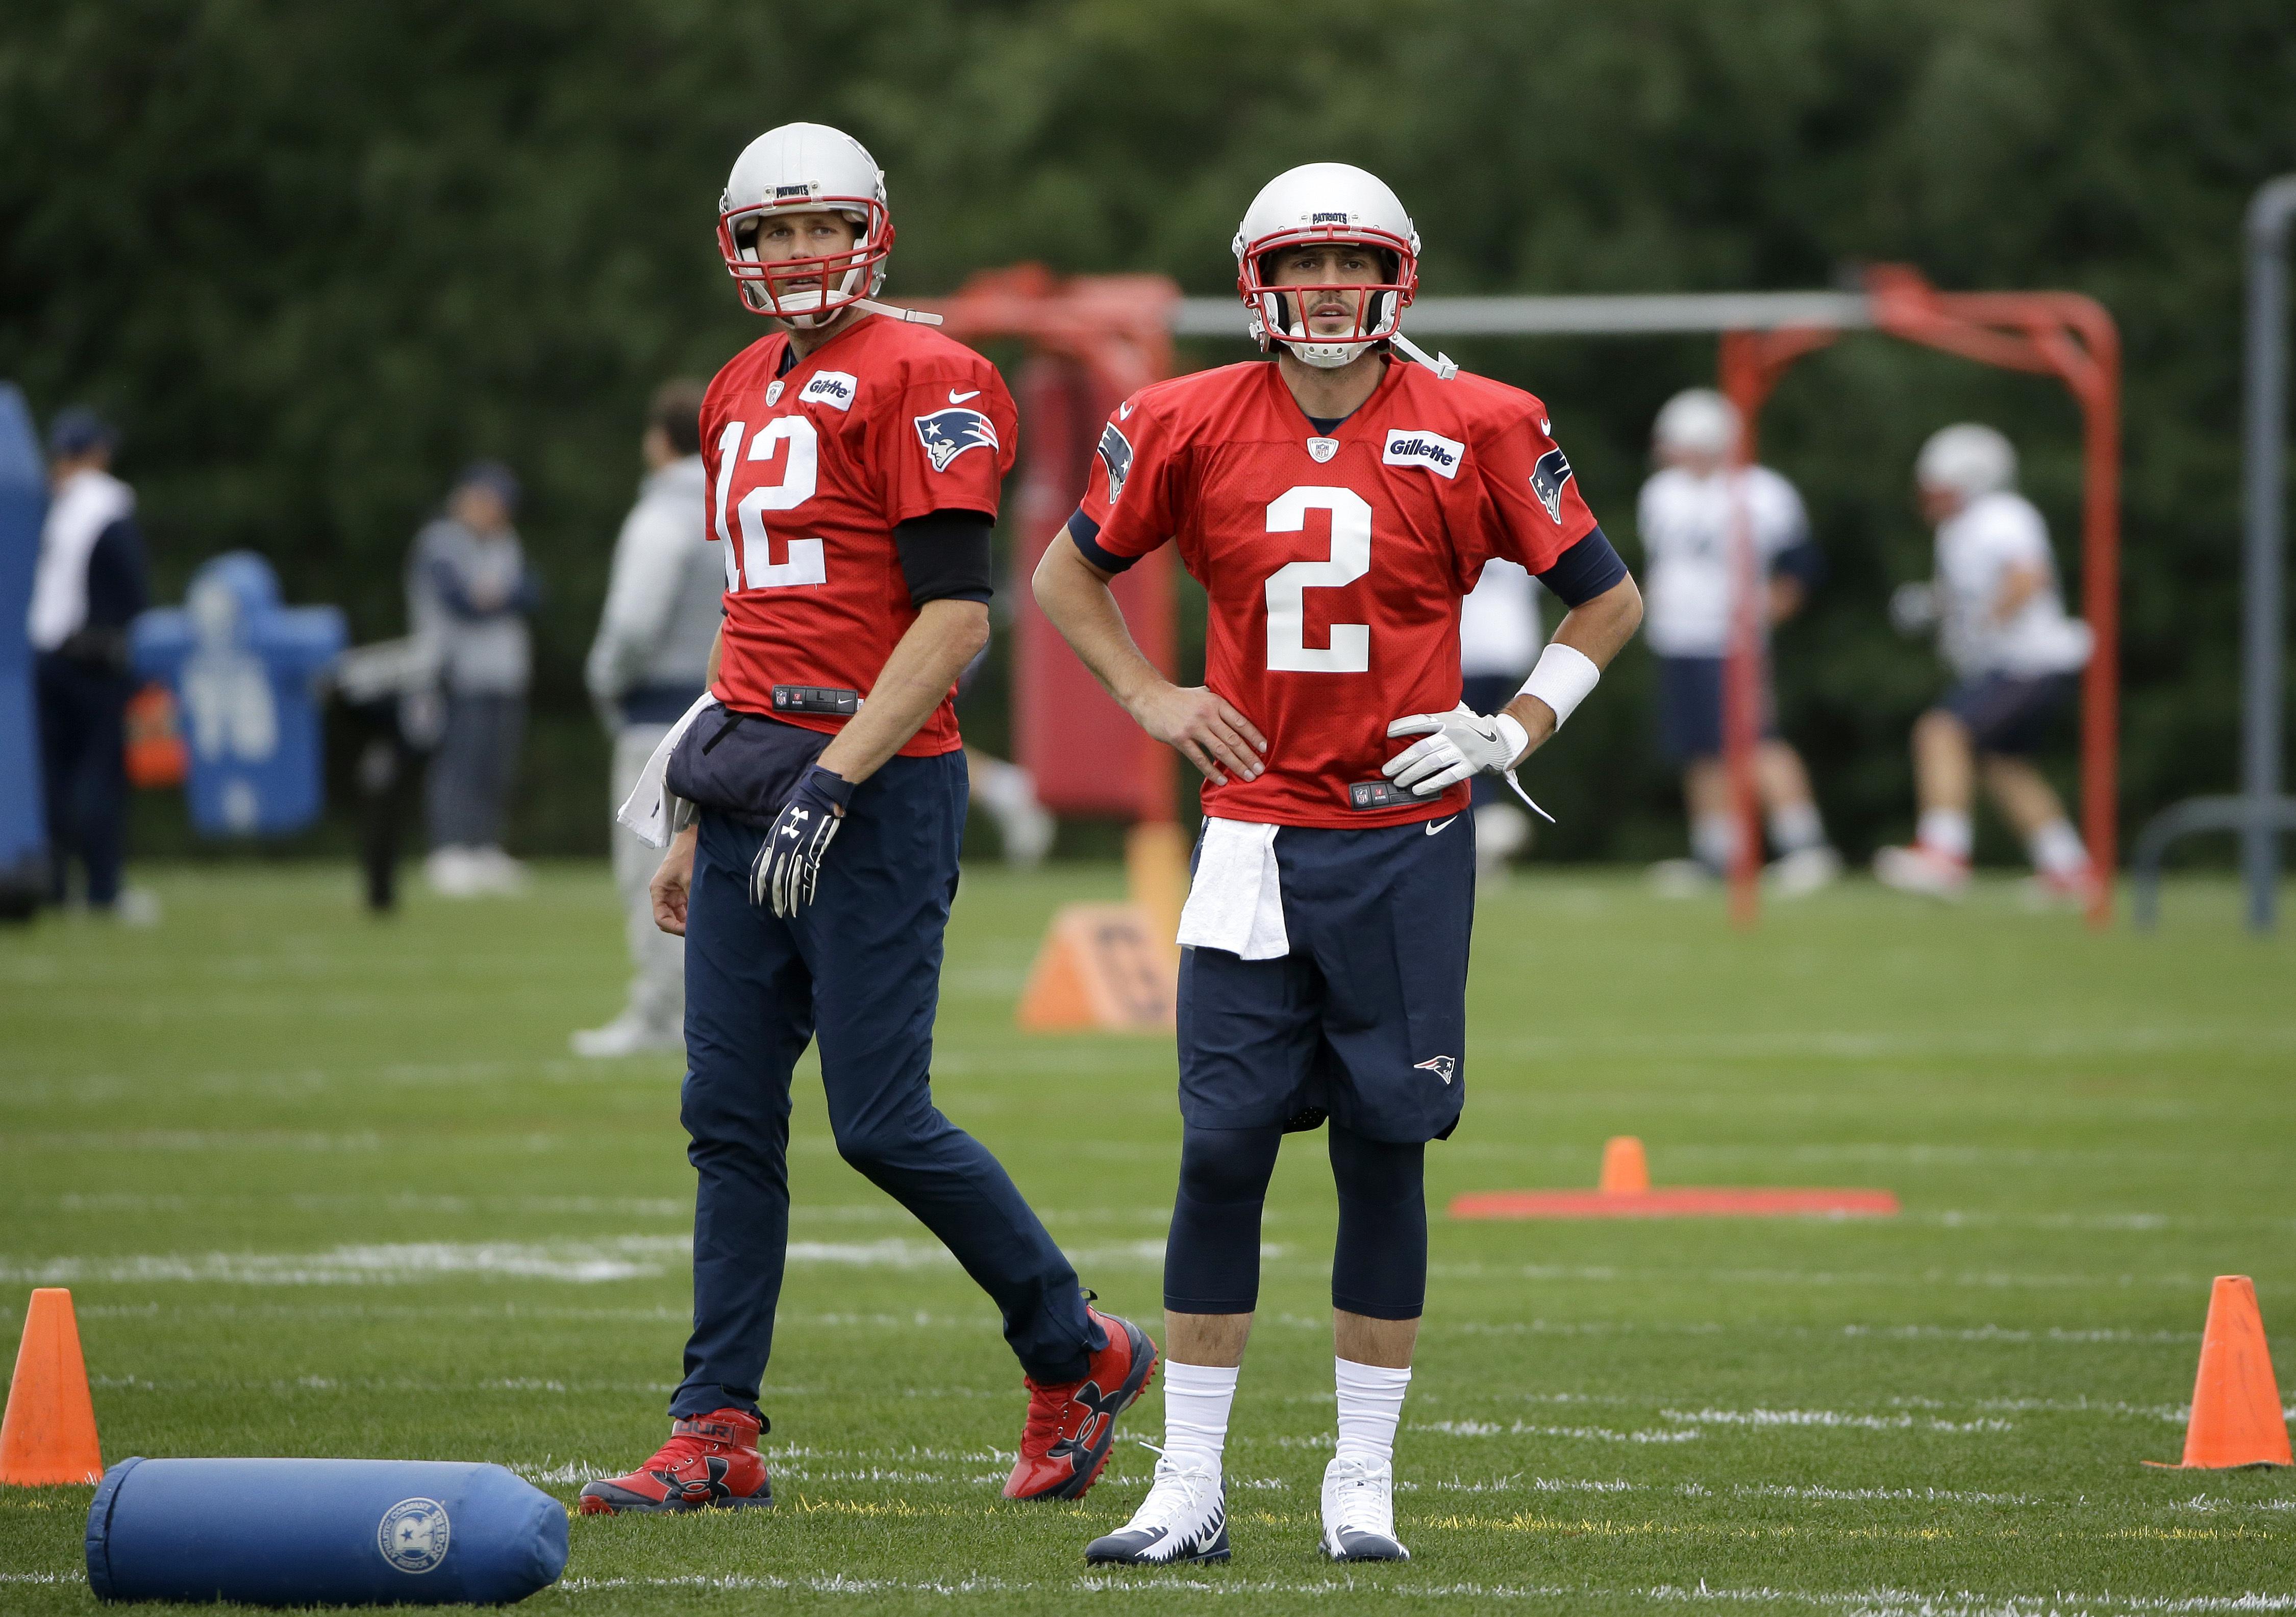 b2d91a613c6 New England Patriots quarterbacks Tom Brady (12) and Brian Hoyer (2) stand